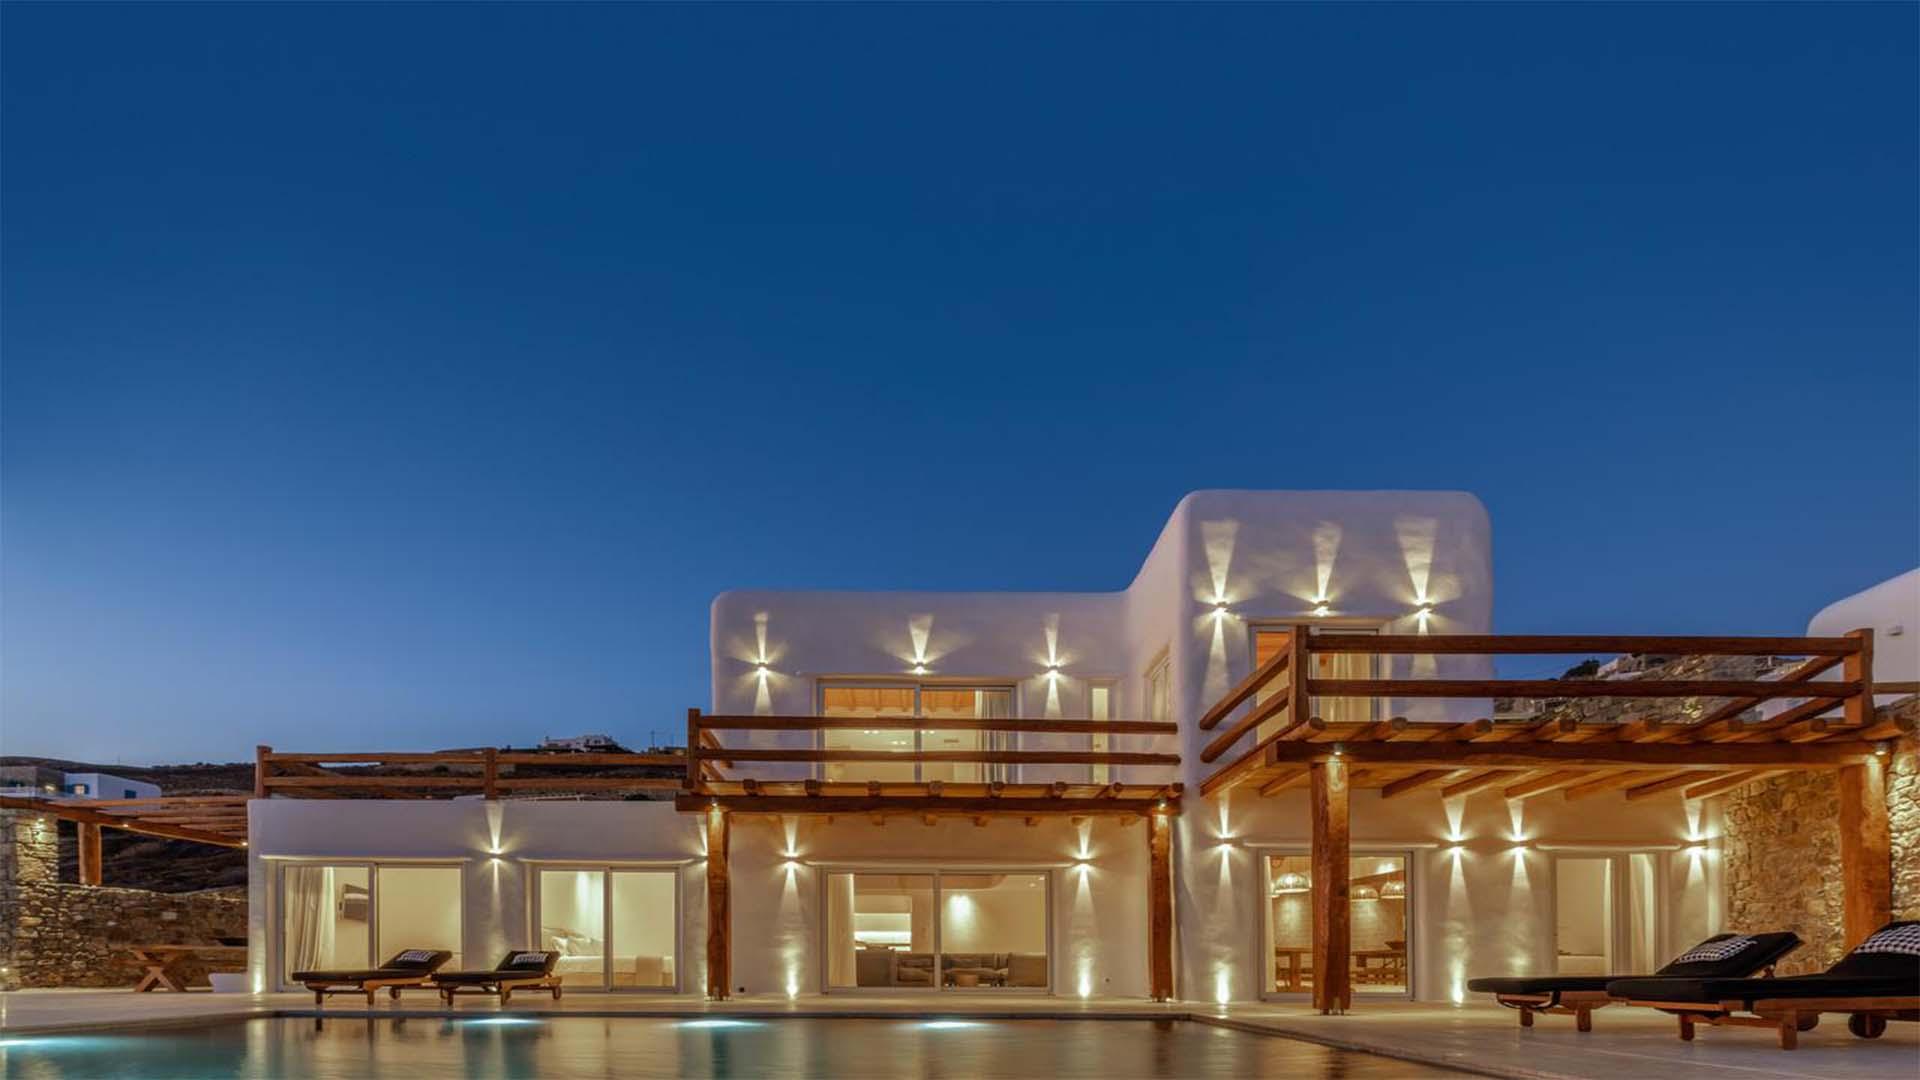 Villa Luminor